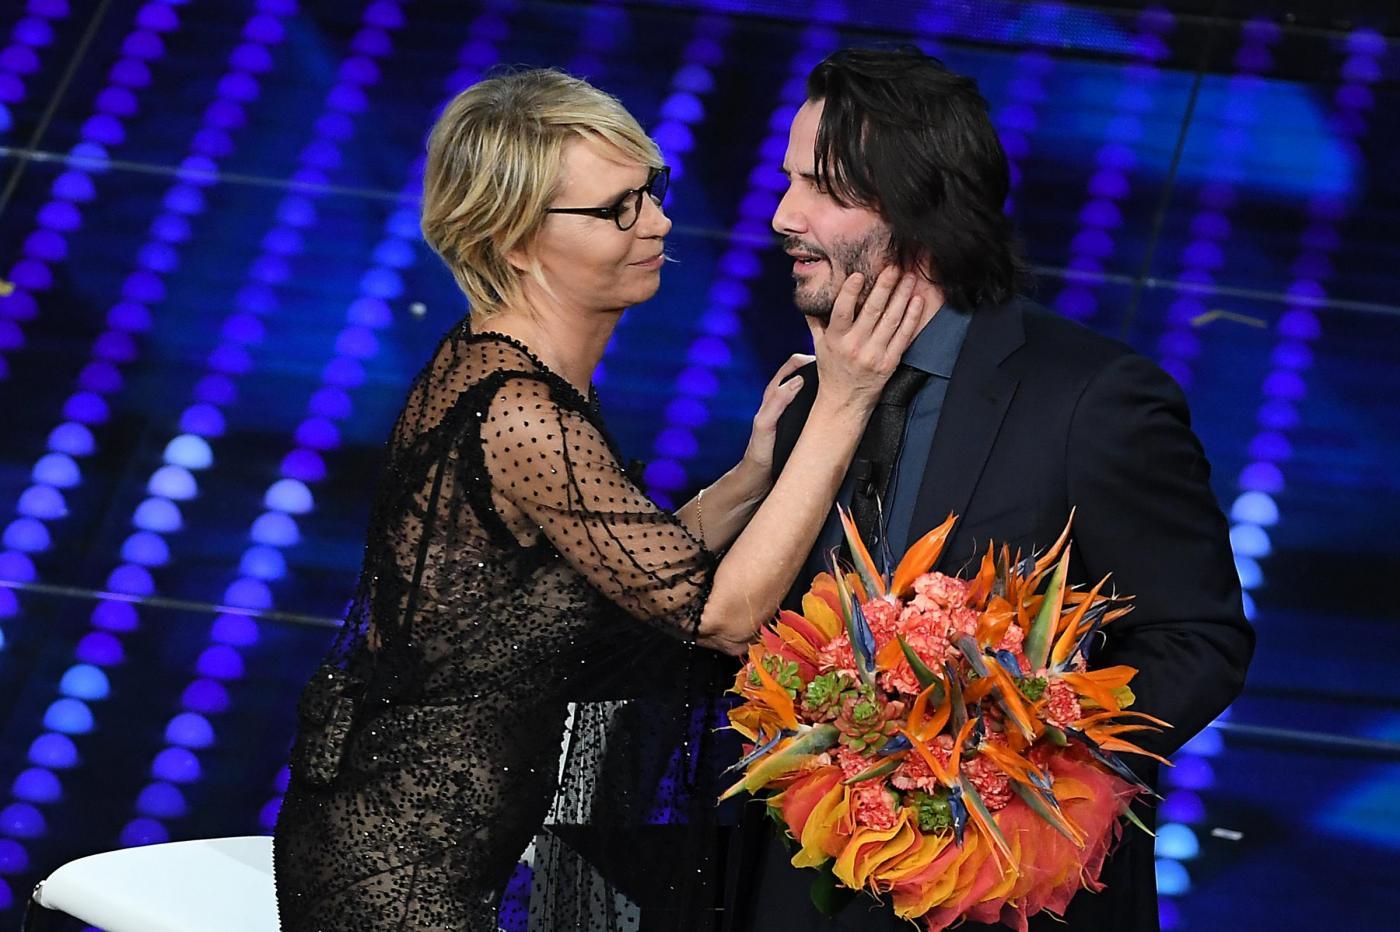 Sanremo 2017, ascolti seconda serata: 46,6% di share, leggero calo